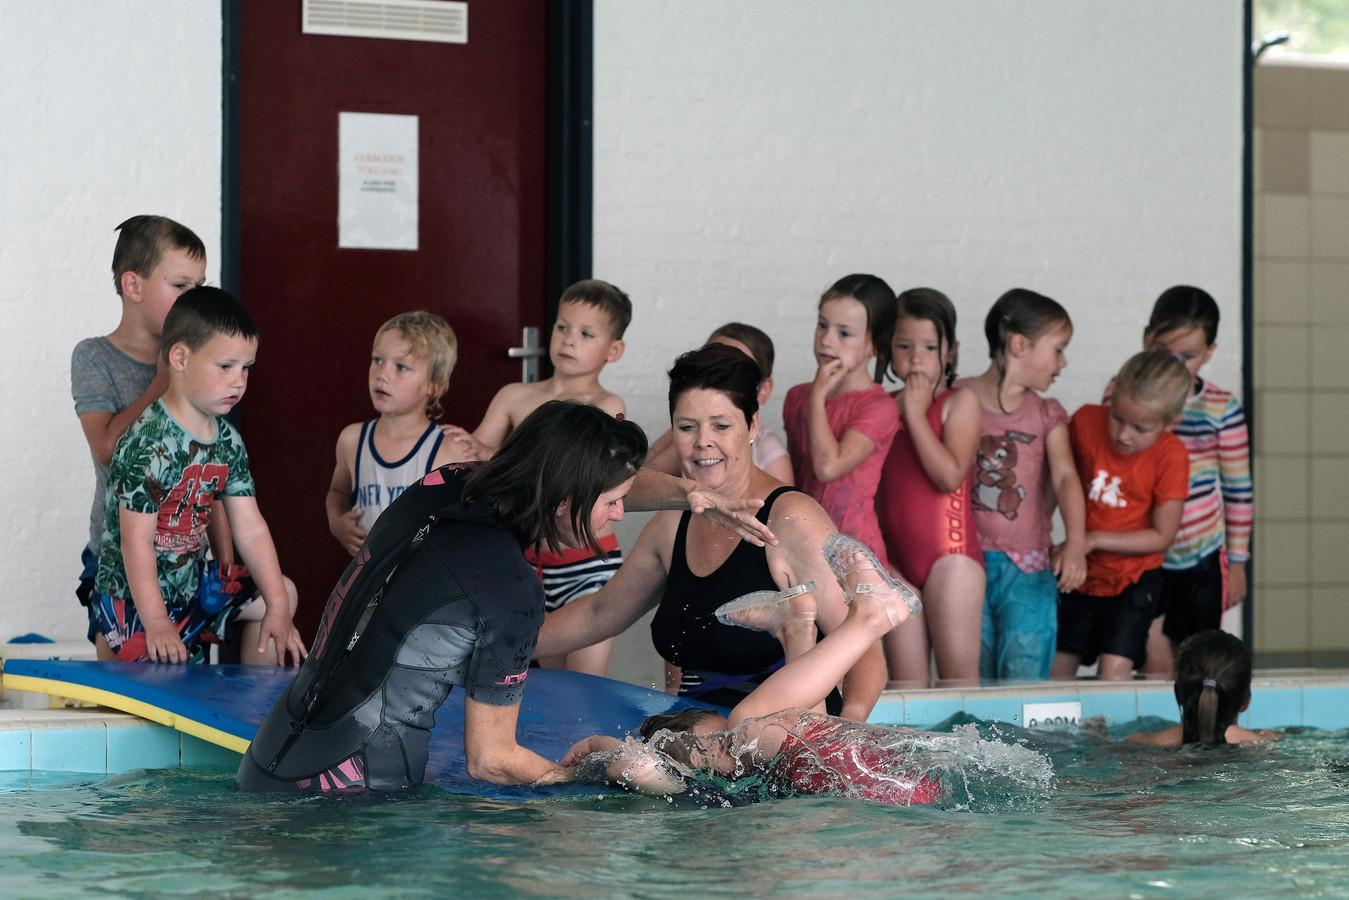 Beheersmaatschappij NLD wil zelf het zwemonderwijs verzorgen.